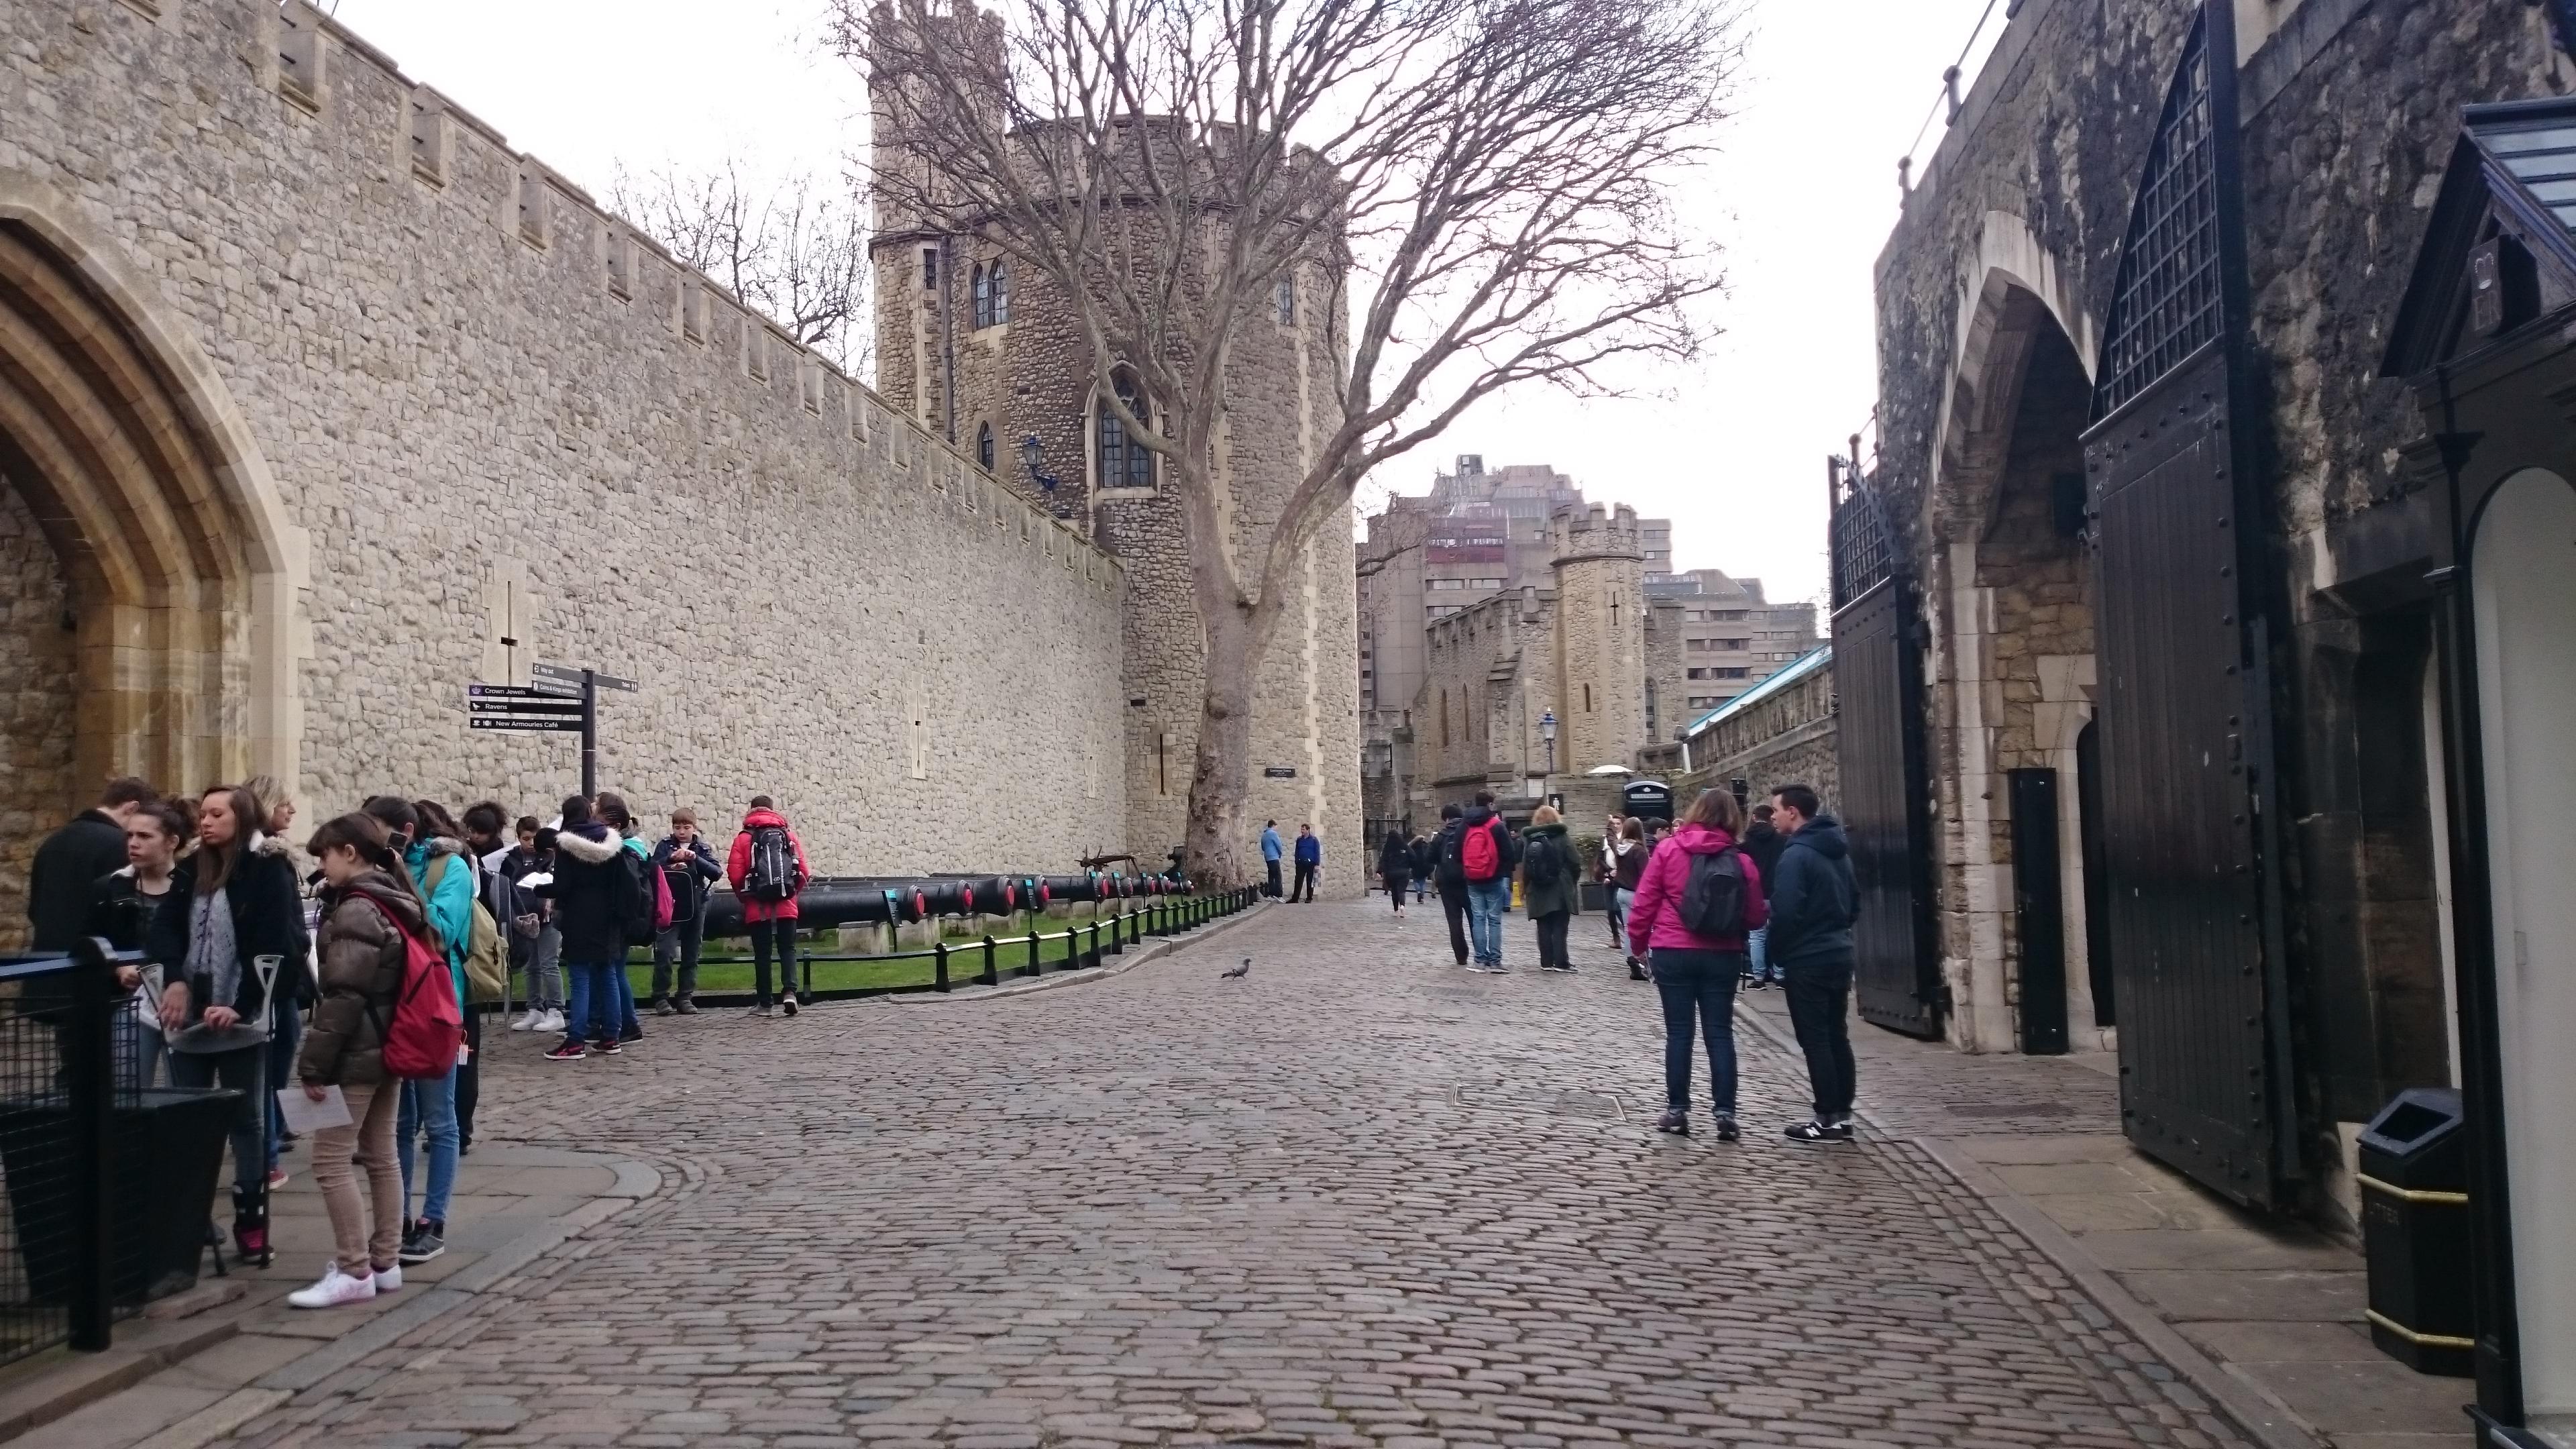 DSC 0609 - Visitando la Torre de Londres